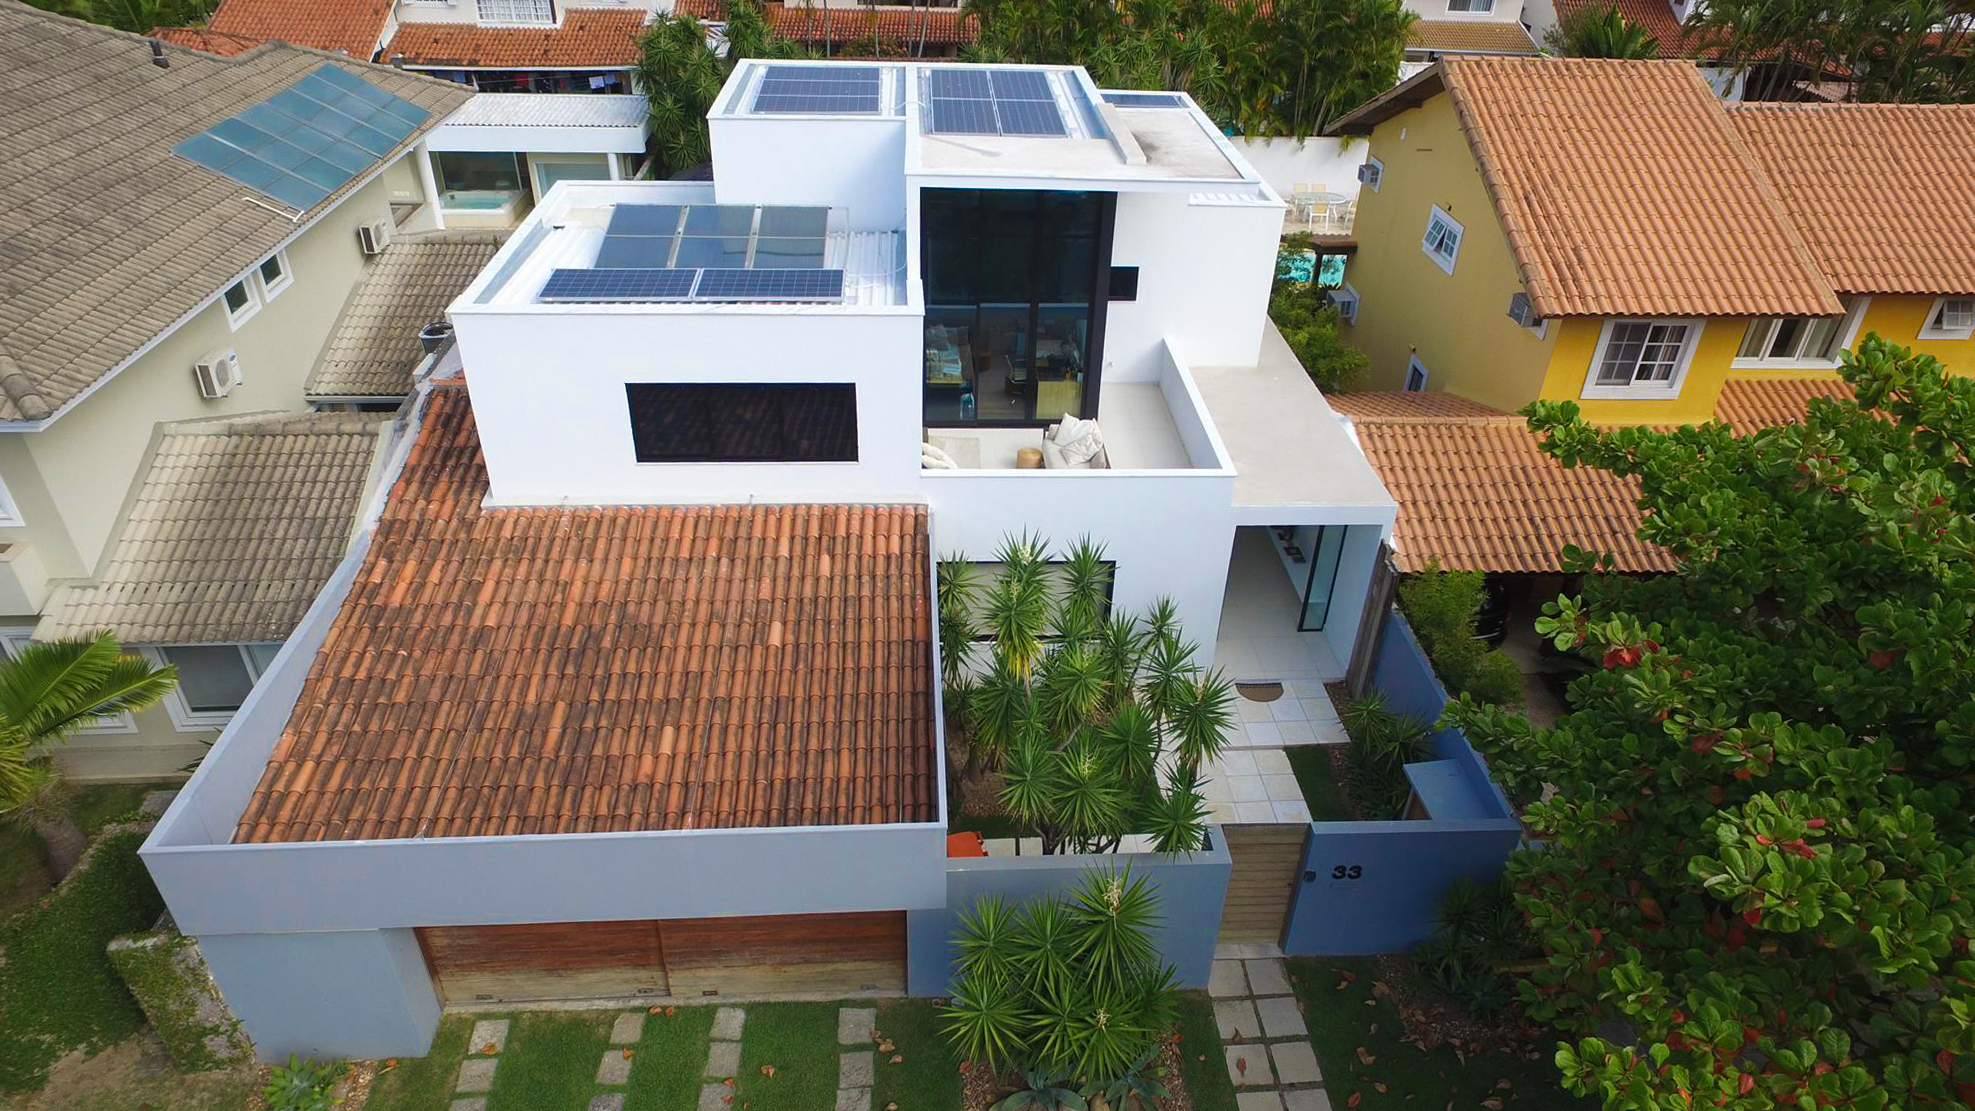 Como captar energia solar _ sistema solar fotovoltaico residencial